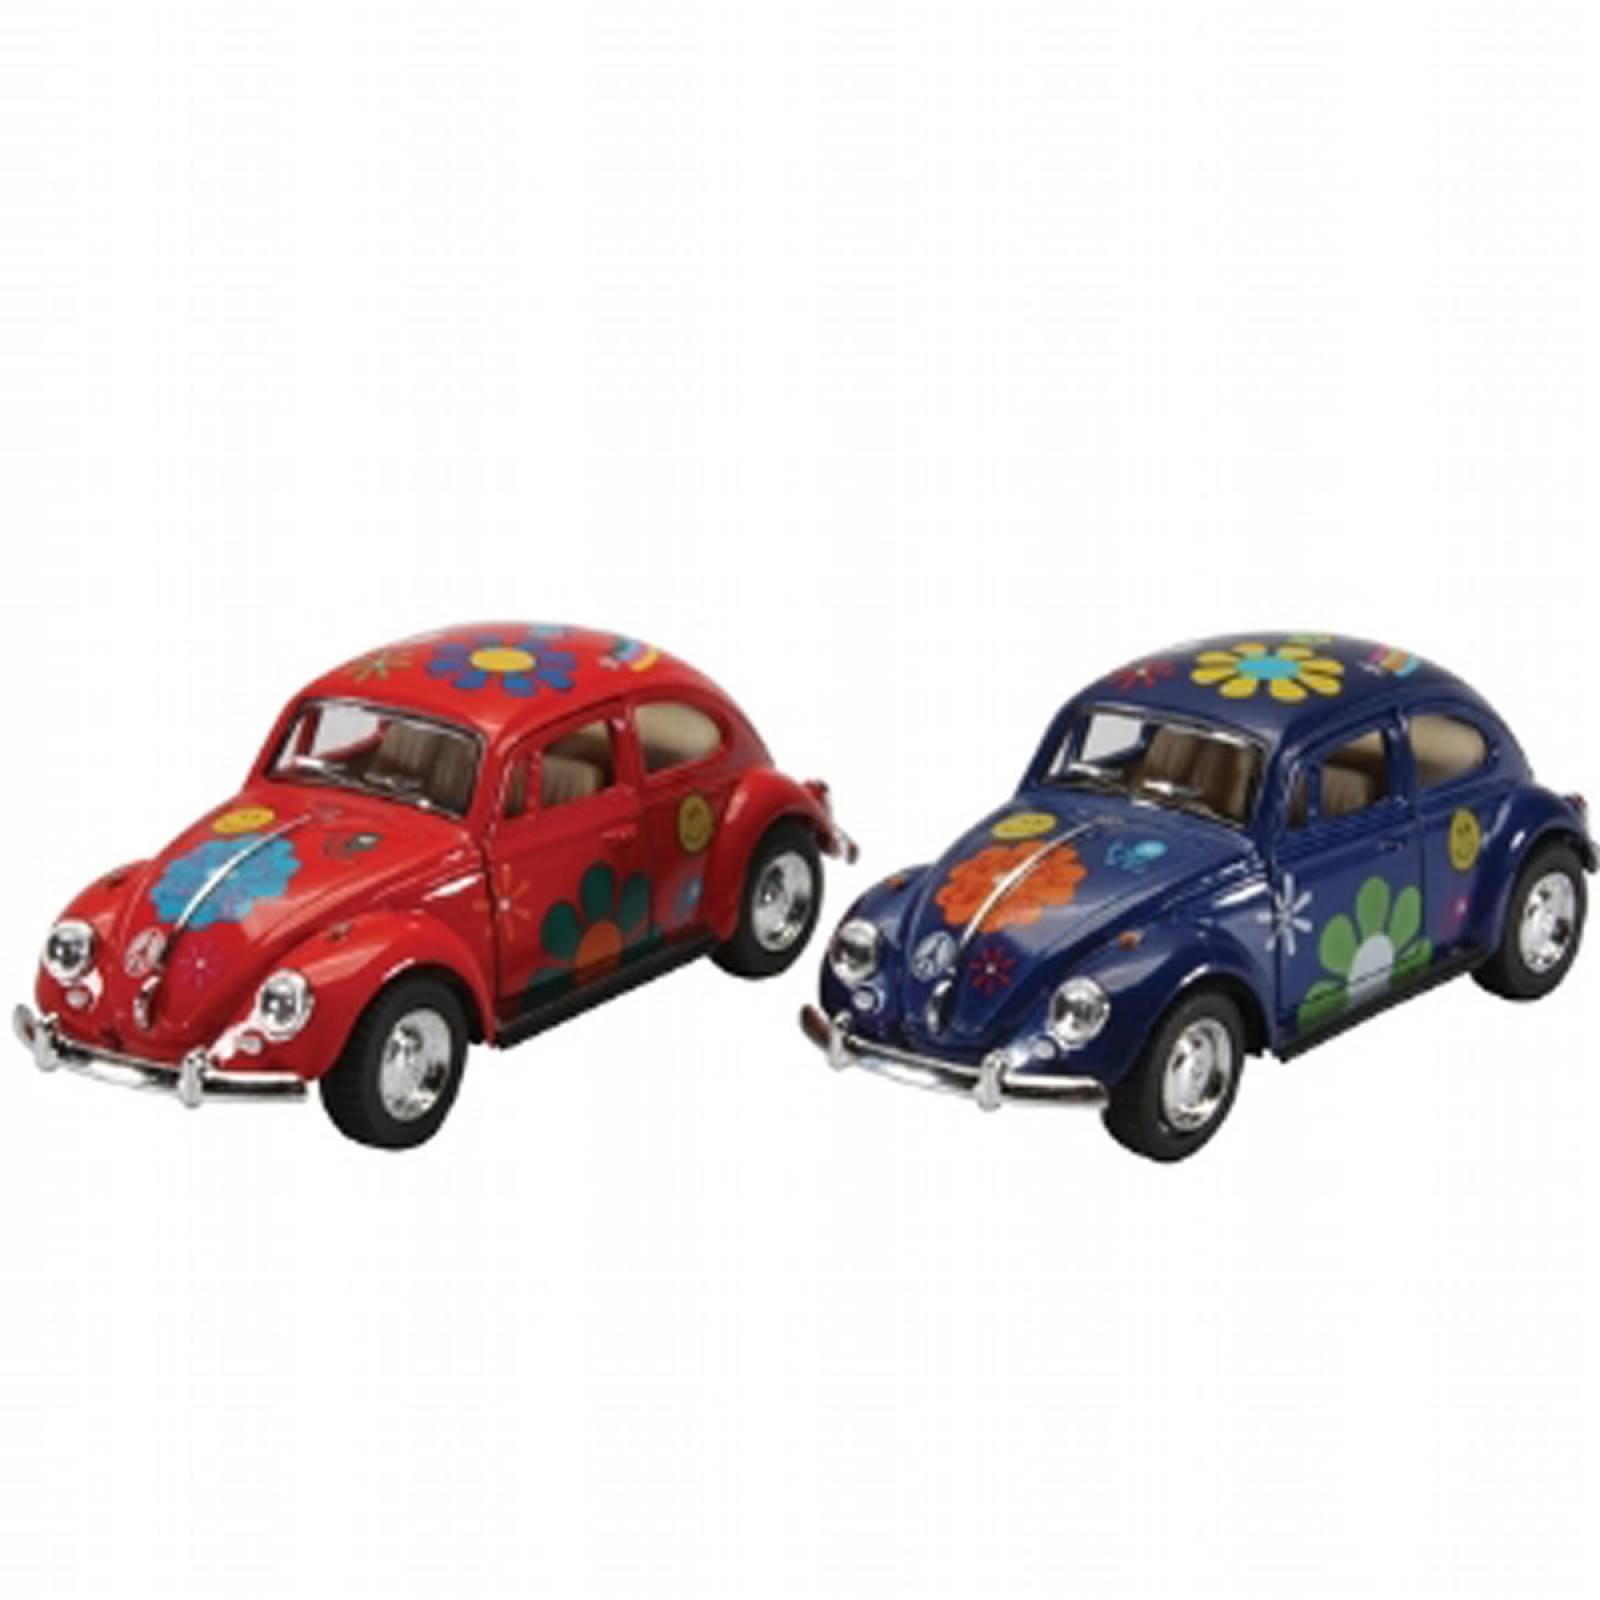 Diecast VW Beetle Model Car Various Colours thumbnails